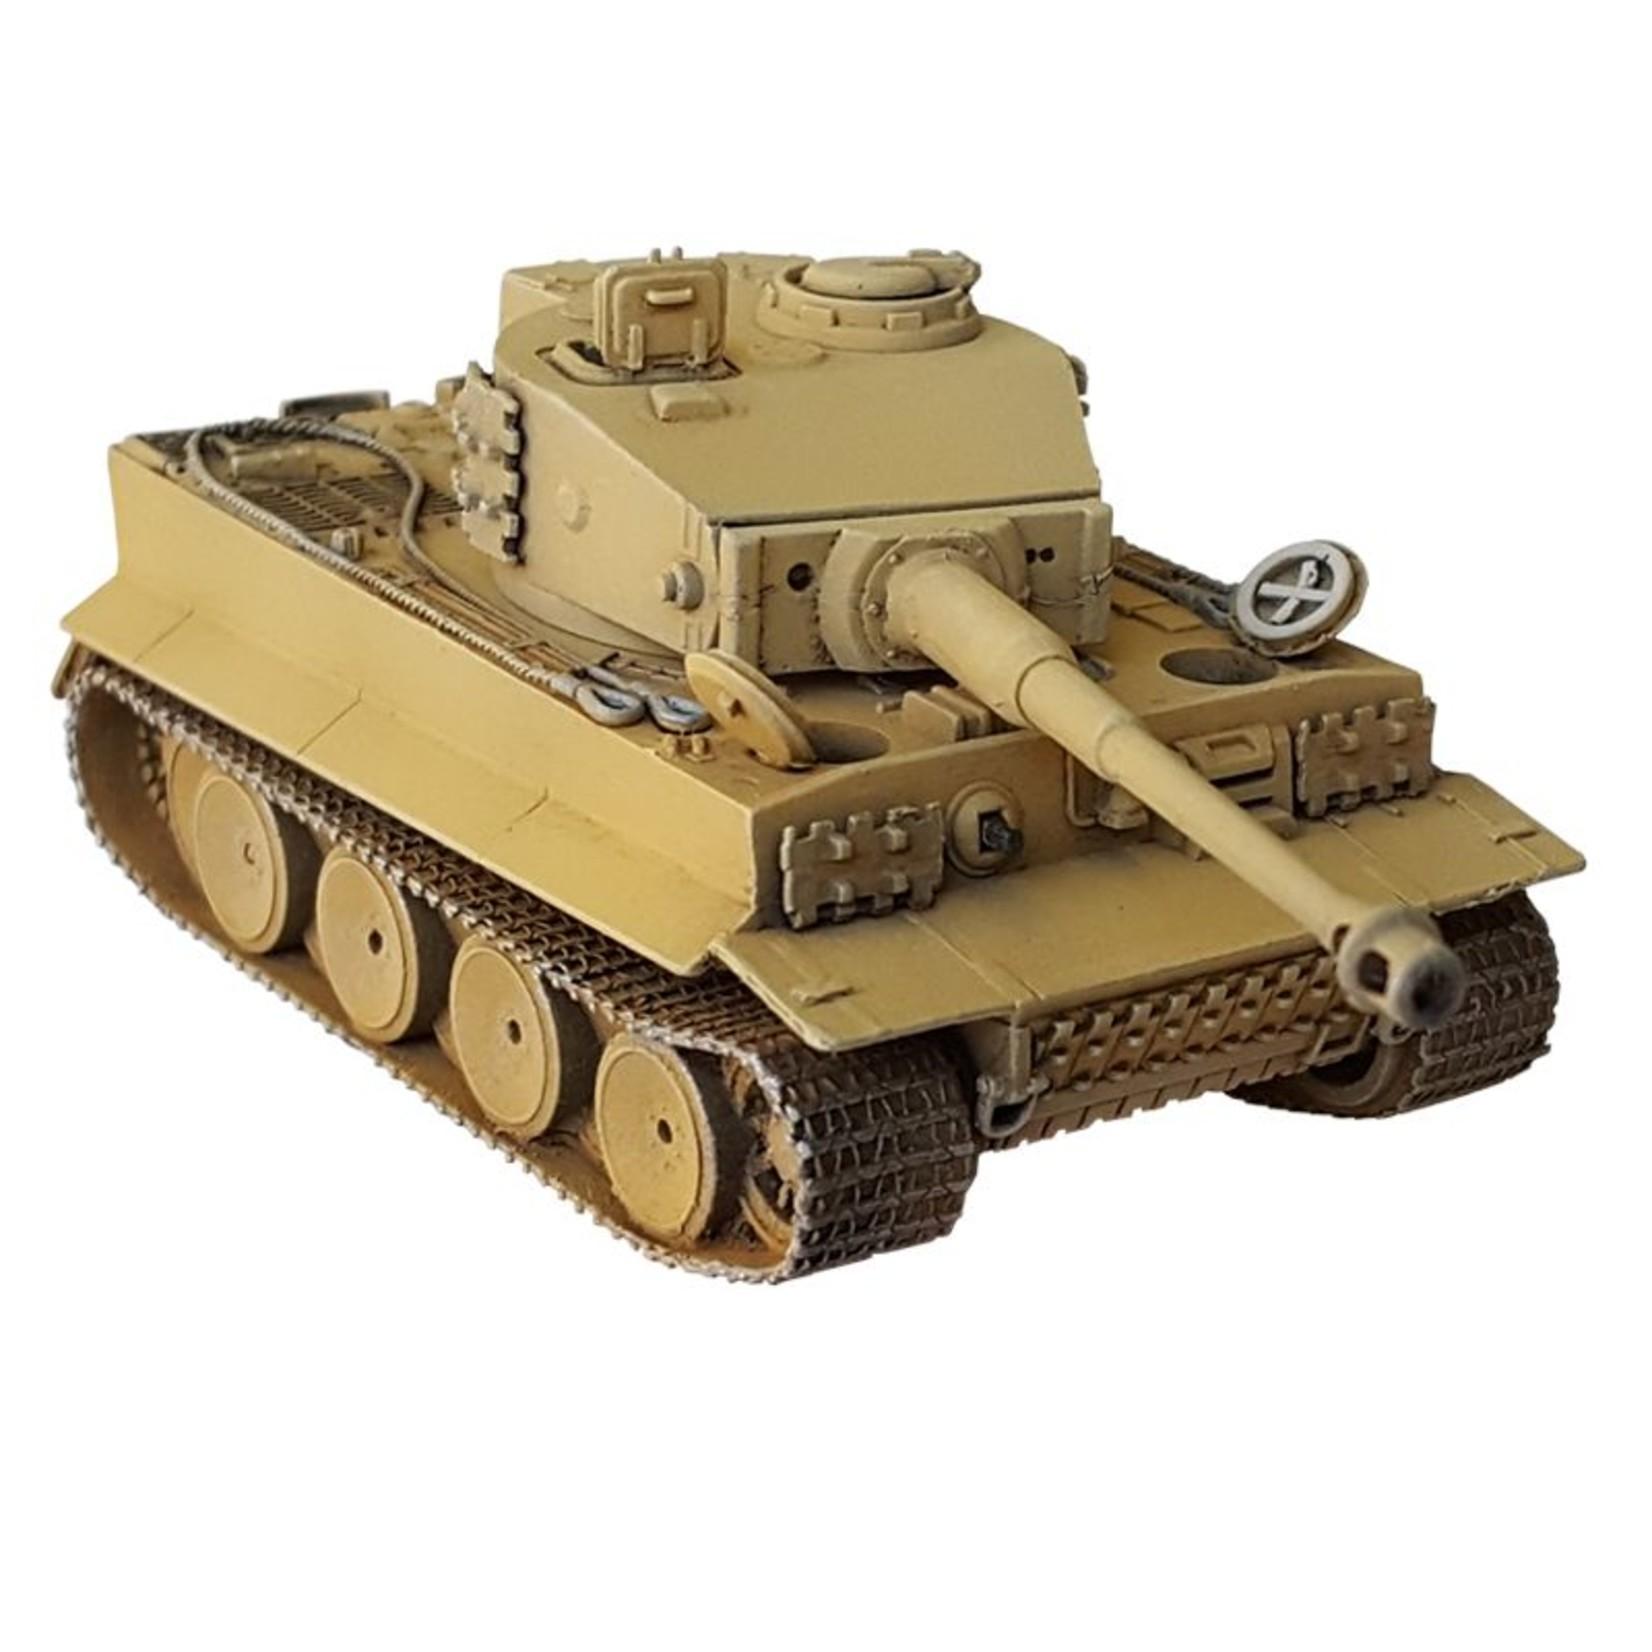 Sd.Kfz. 181 Tiger I